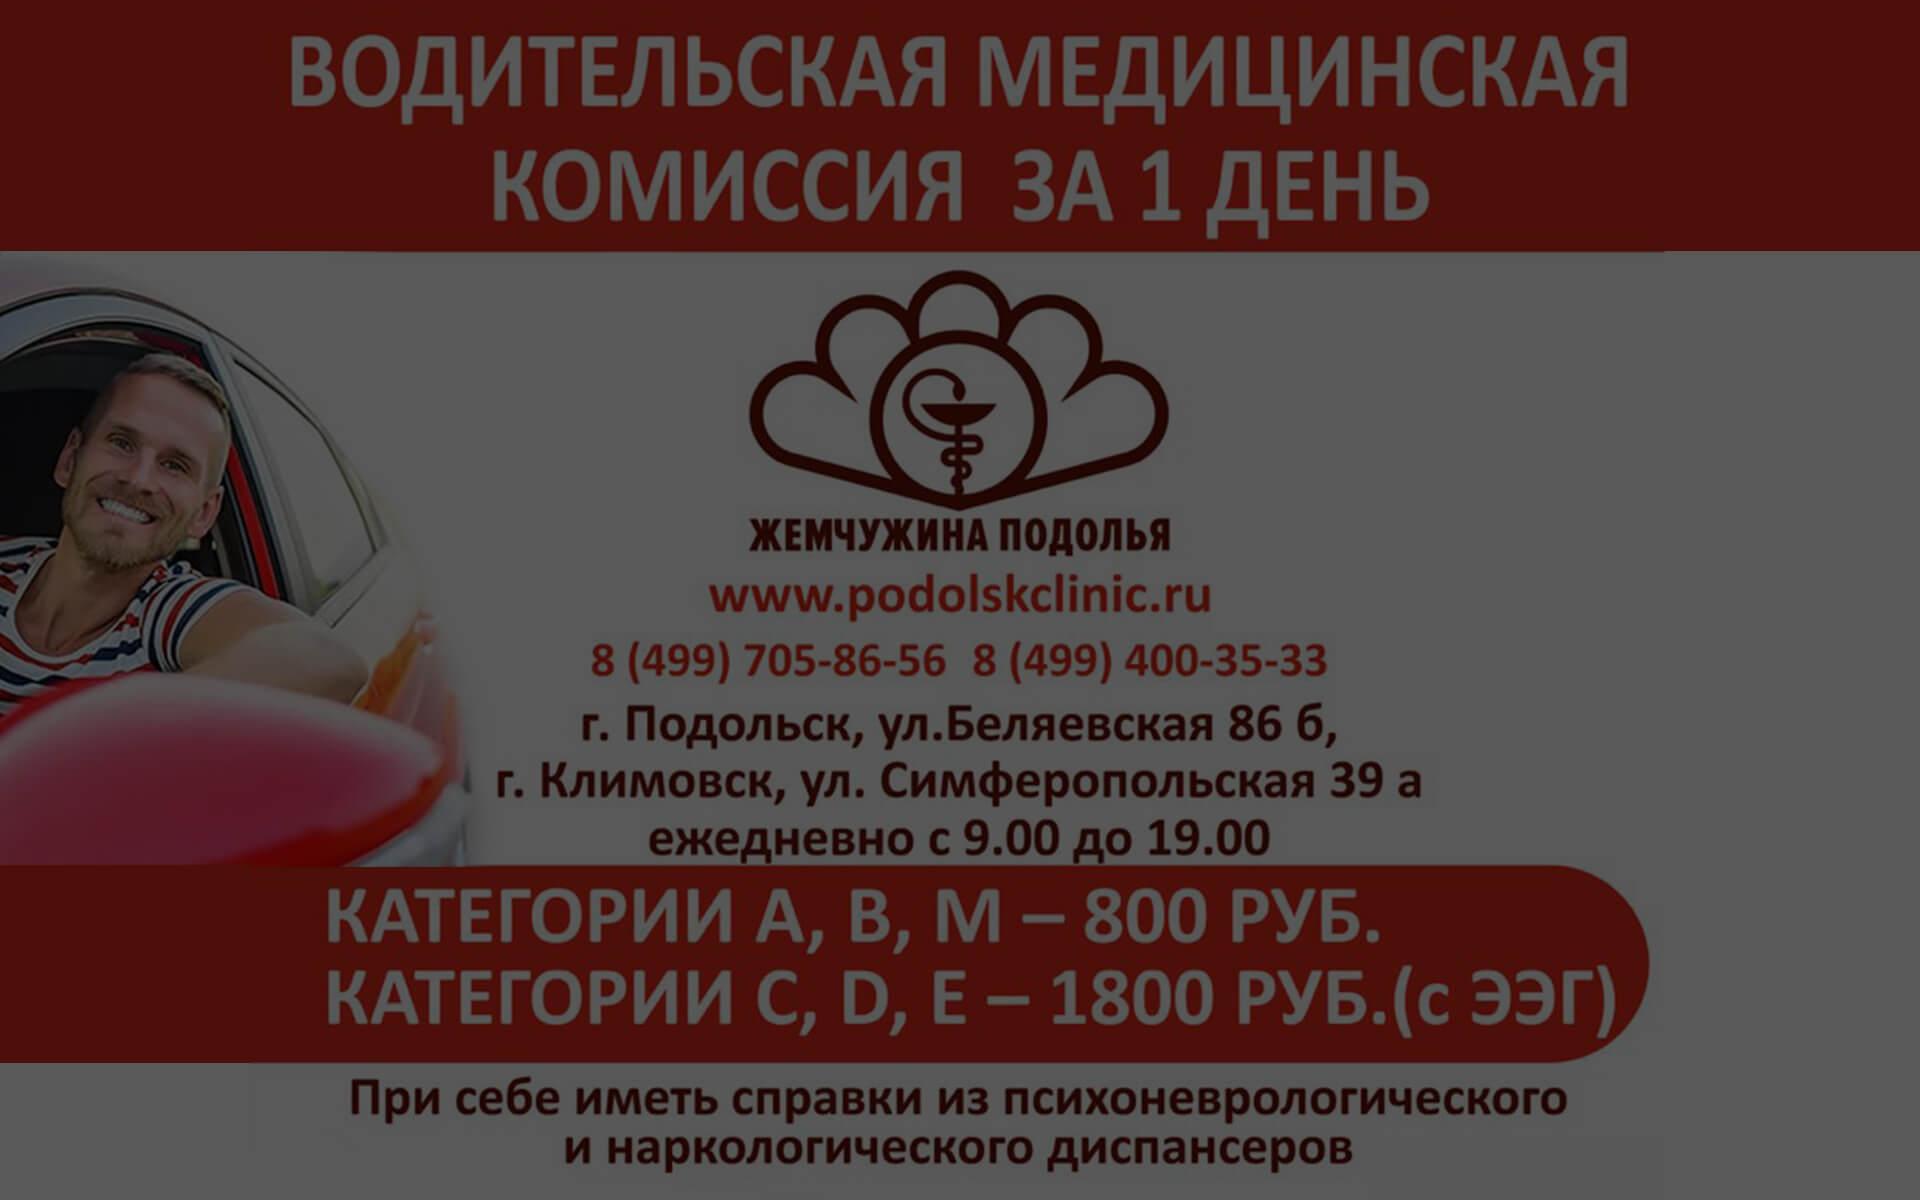 Водительская медицинская комиссия за 1 день